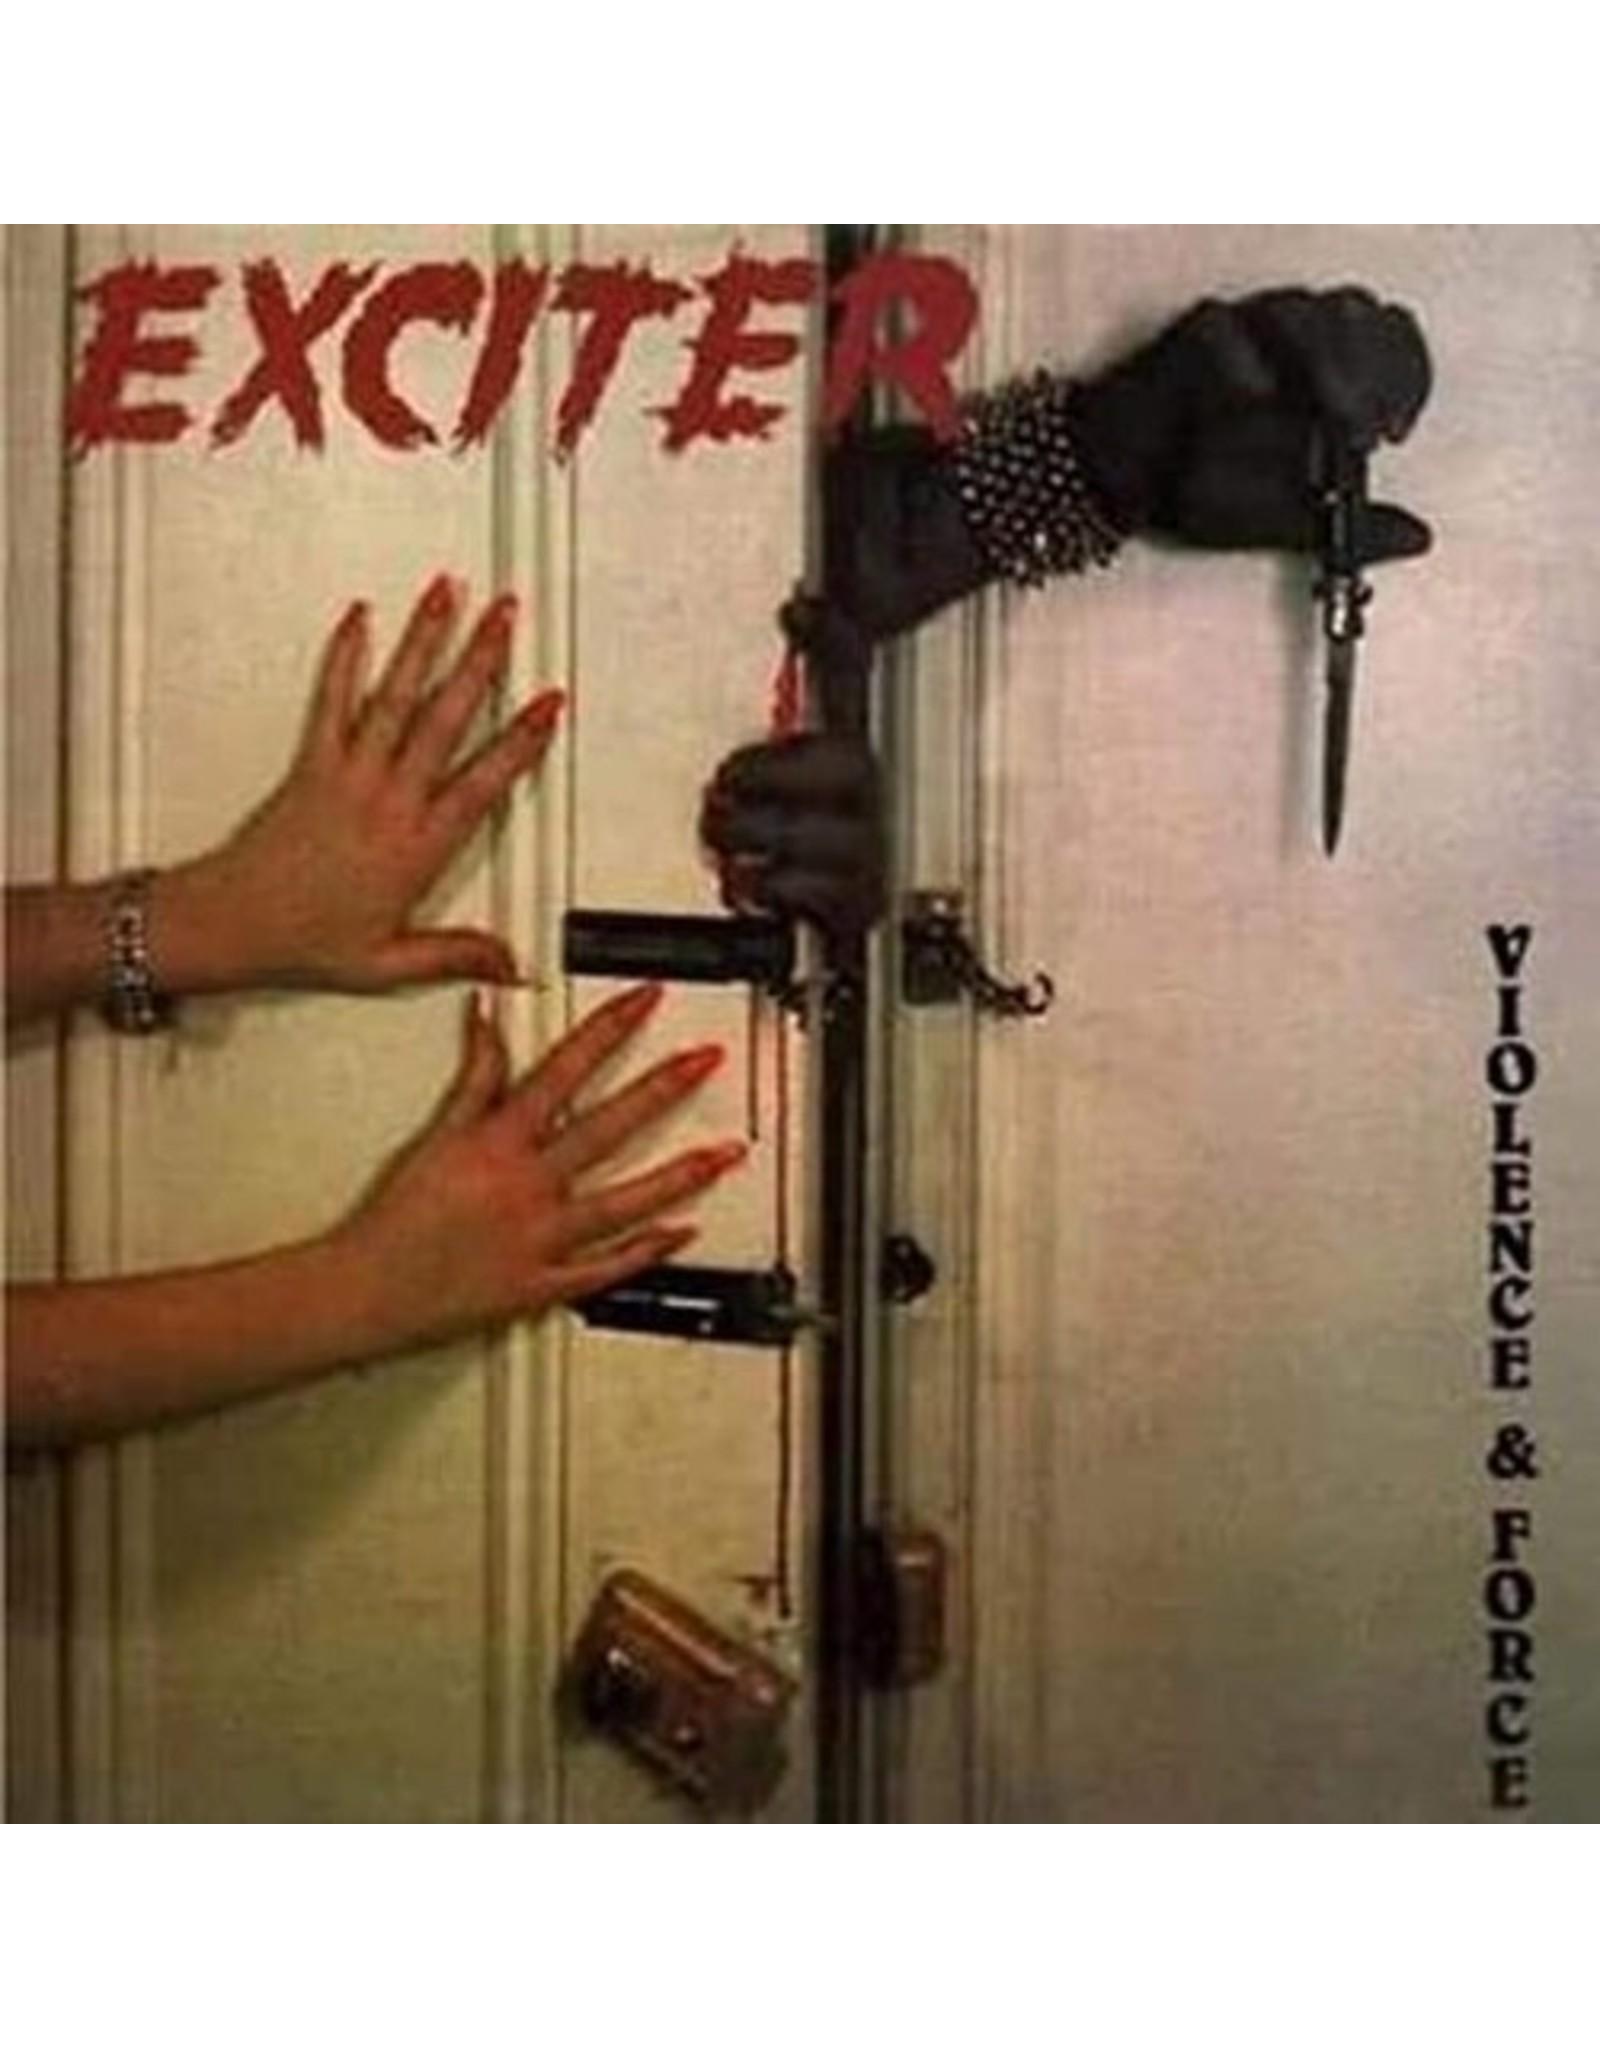 New Vinyl Exciter - Violence & Force LP